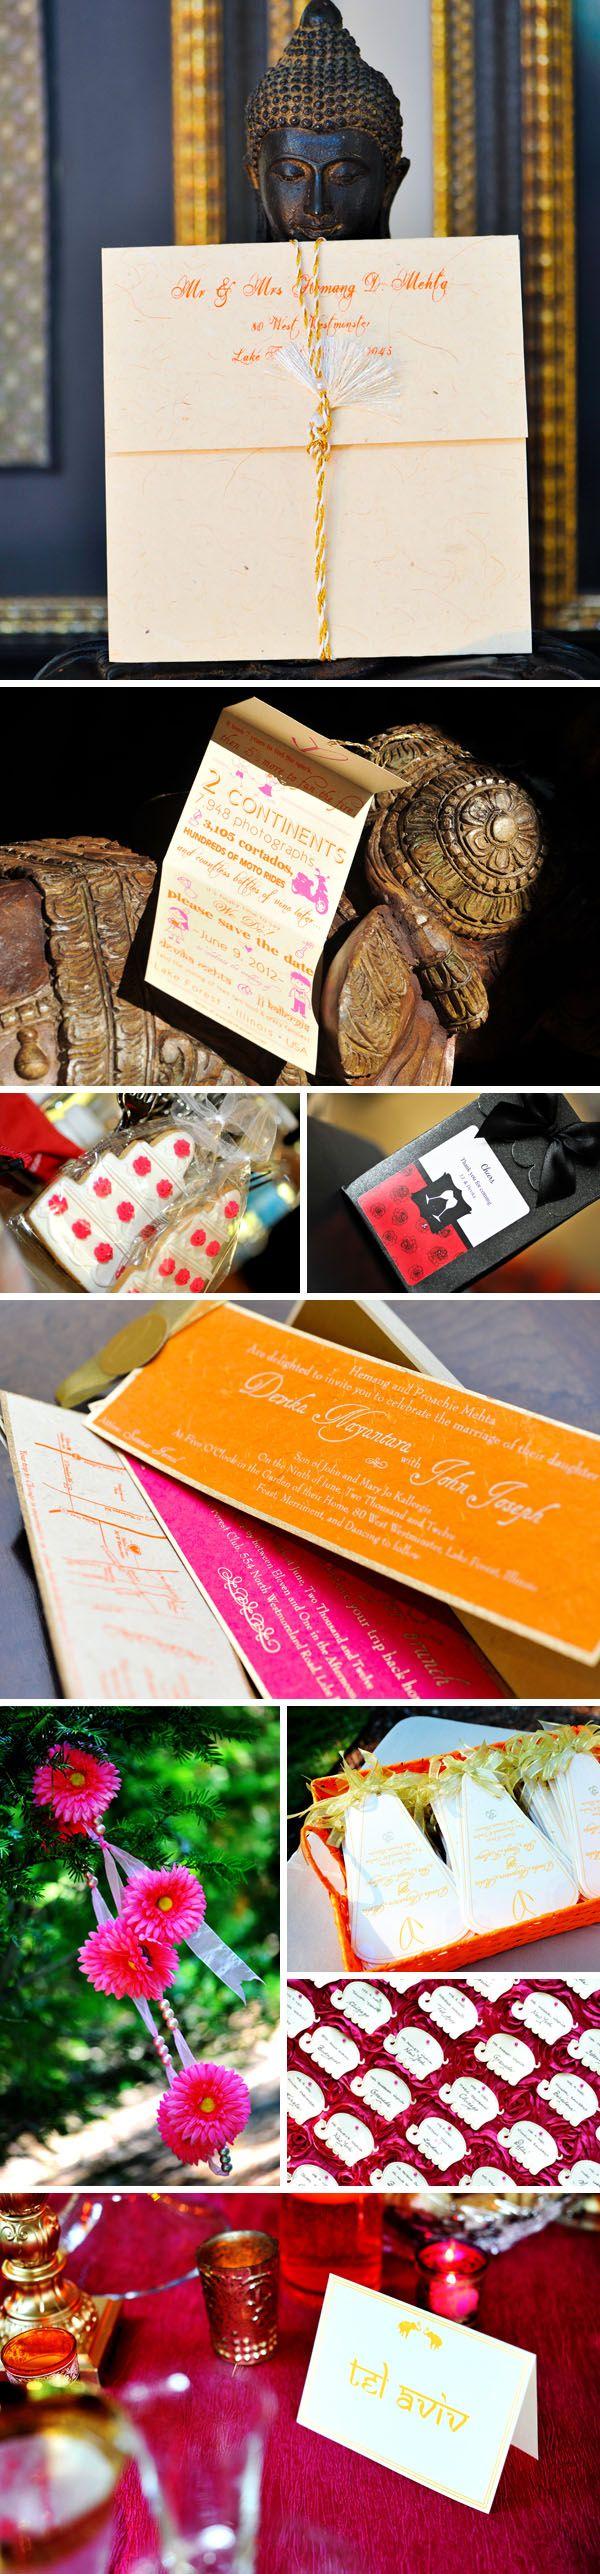 32 best invitation images on Pinterest | Invitation ideas, Marriage ...